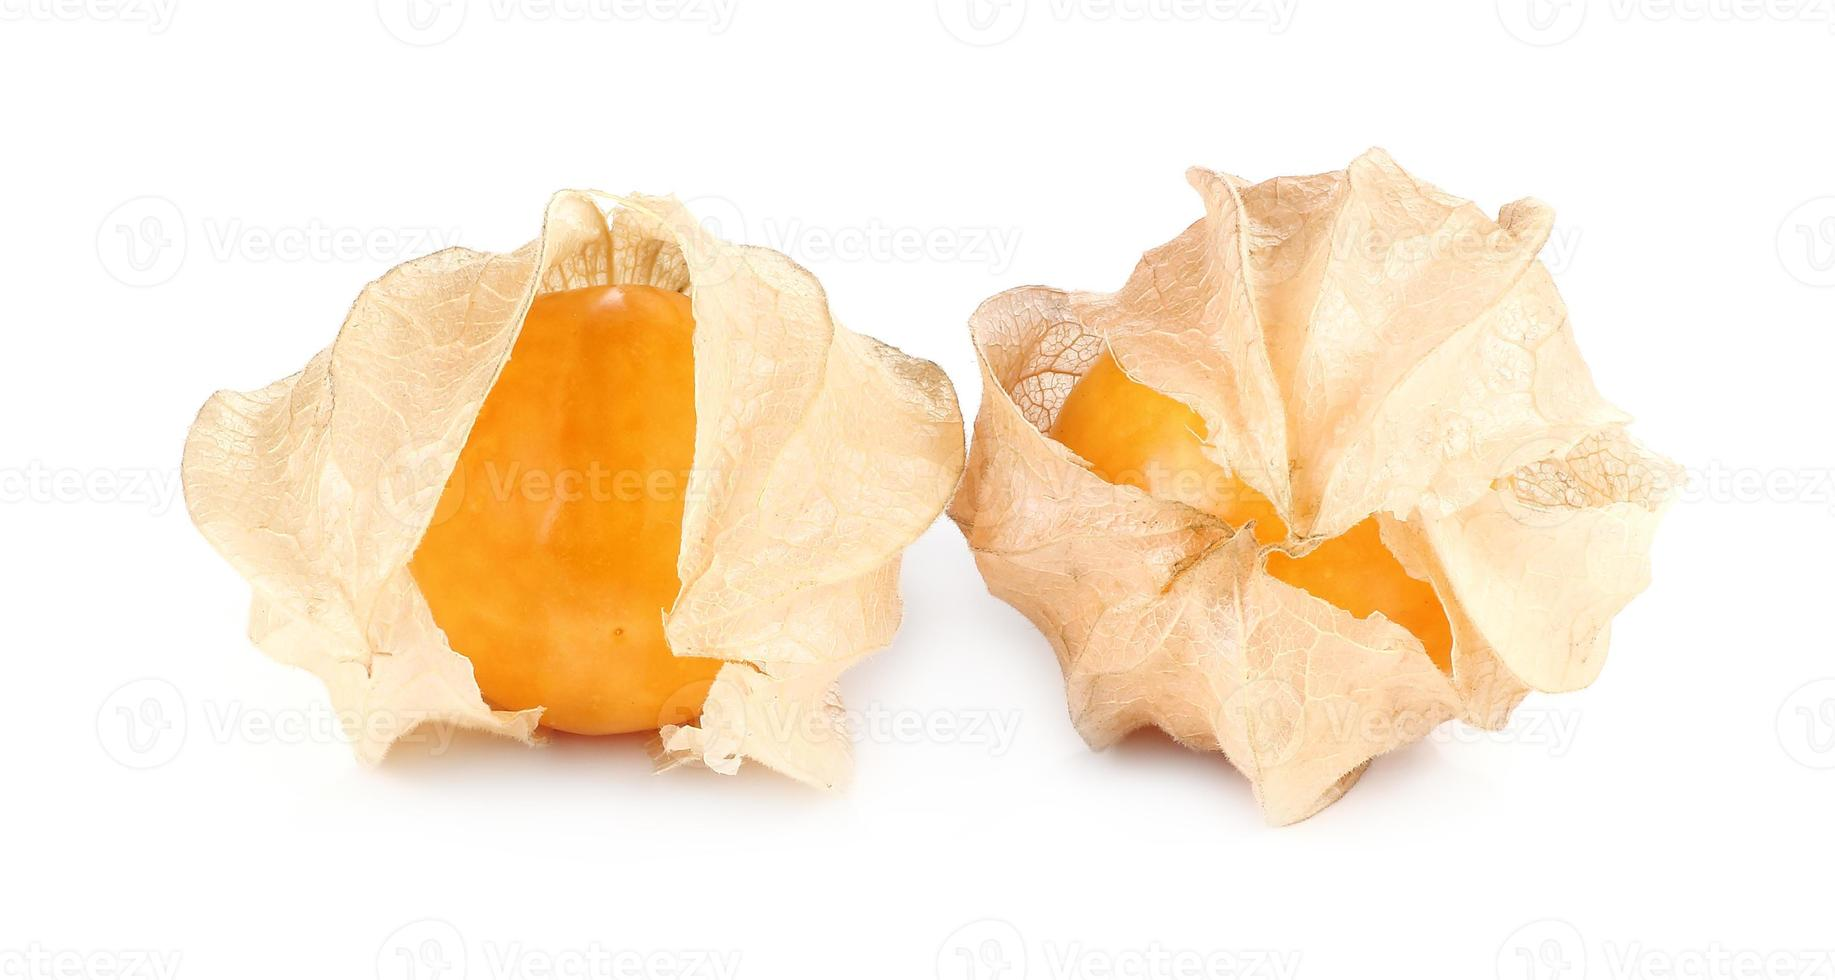 physalis frukt, cape bär frukt isolerad på vitt foto